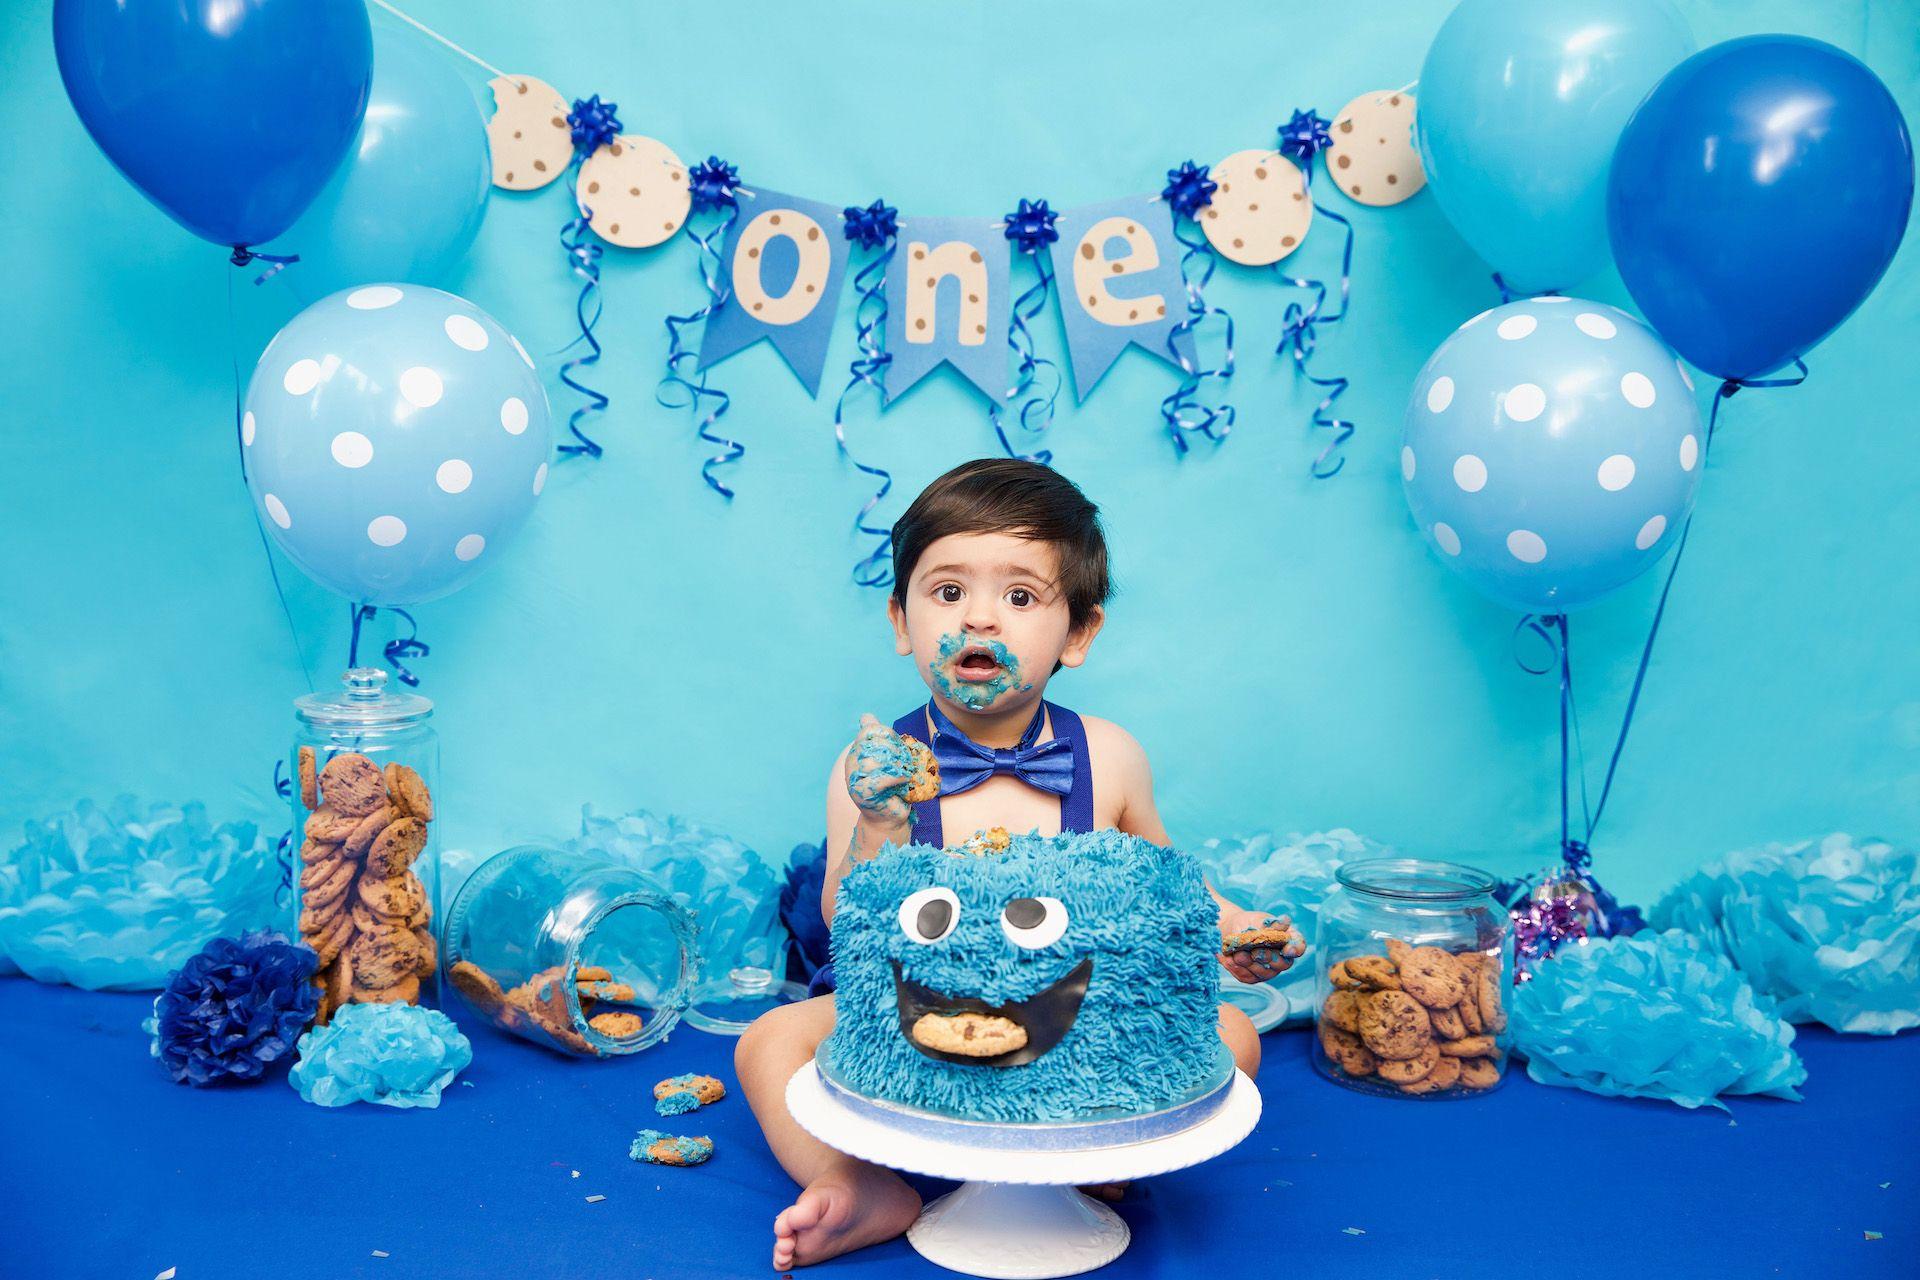 Watford Cake Smash Photographer With Images Cake Smash Theme